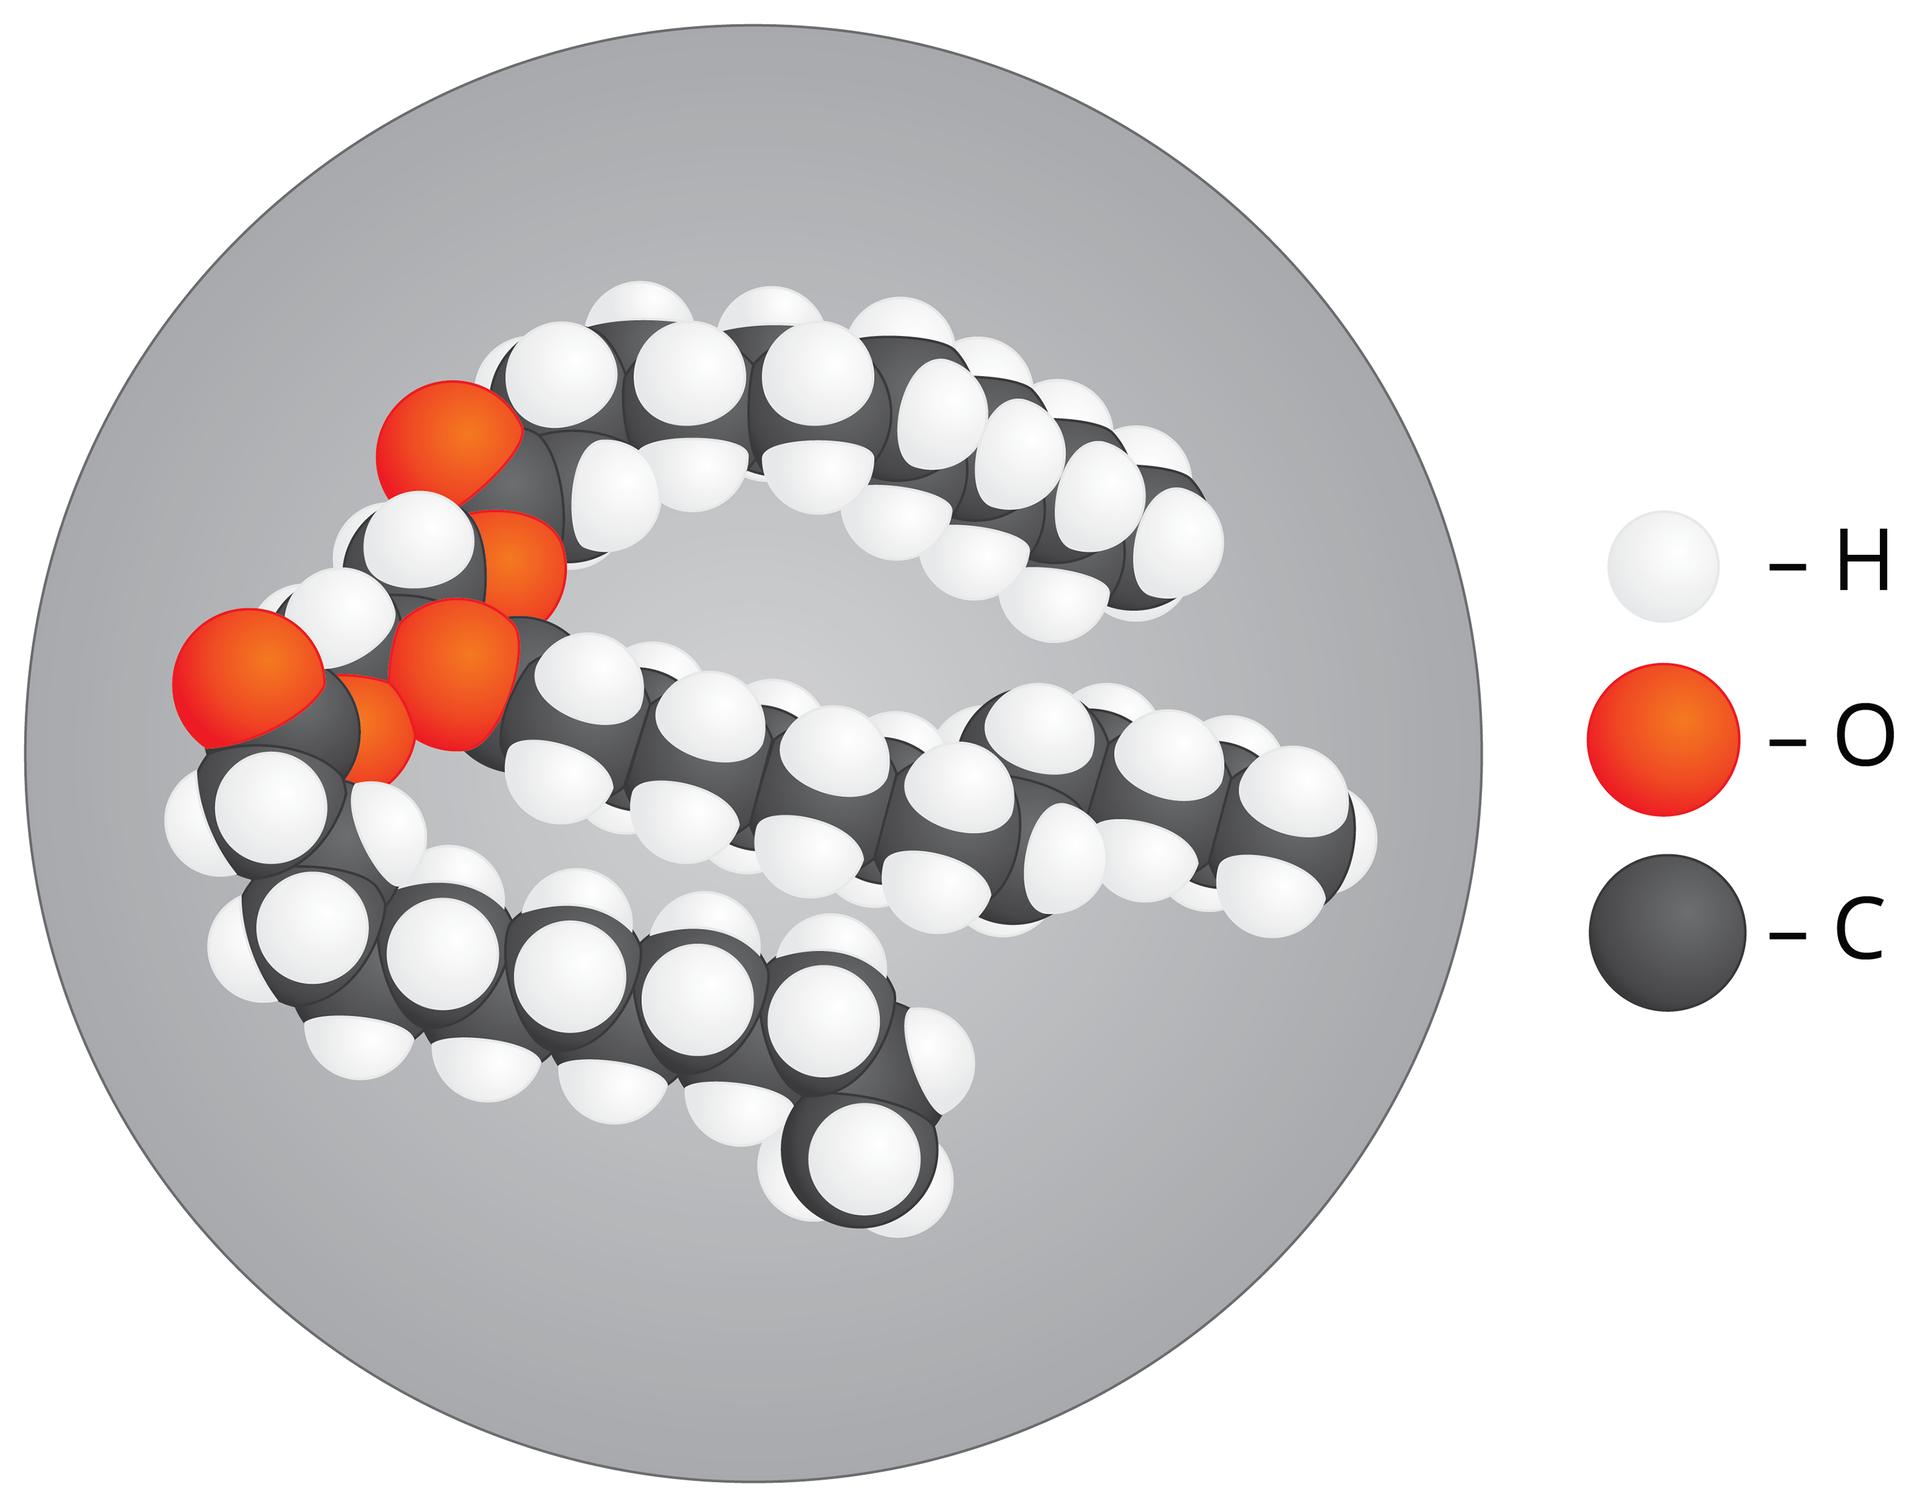 Ilustracja przedstawia model cząsteczki tłuszczu. Cząsteczka tłuszczu ma kształt trzech niemal równoległych długich walców zbudowanych zcząsteczek węgla. Na nich leżą liczne białe kulki wodoru inieliczne czerwone kulki tlenu